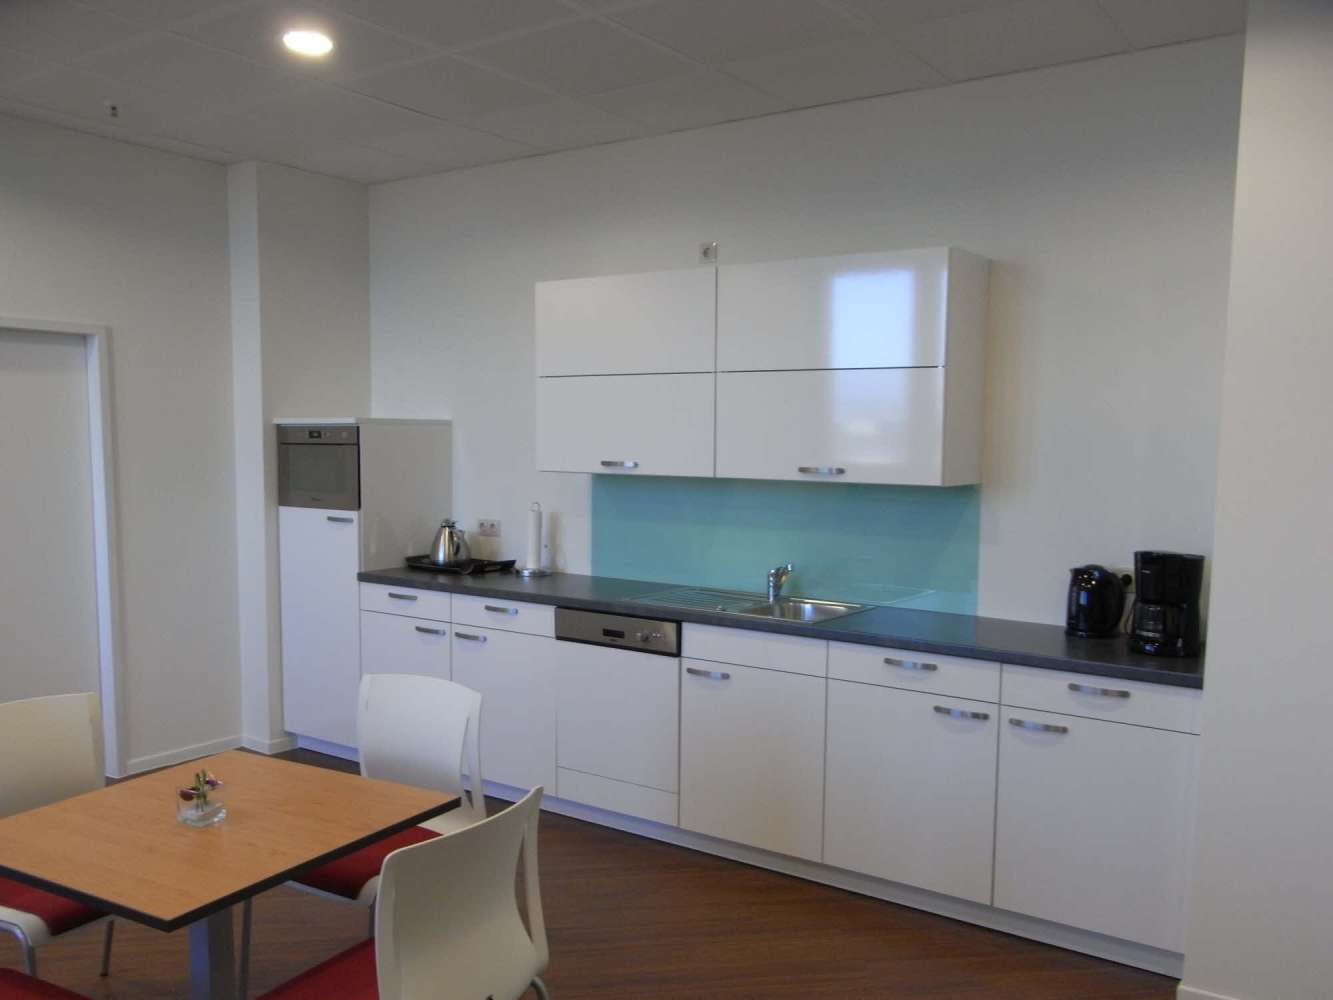 Büros Hamburg, 22297 - Büro - Hamburg, Winterhude - H0546 - 9404217